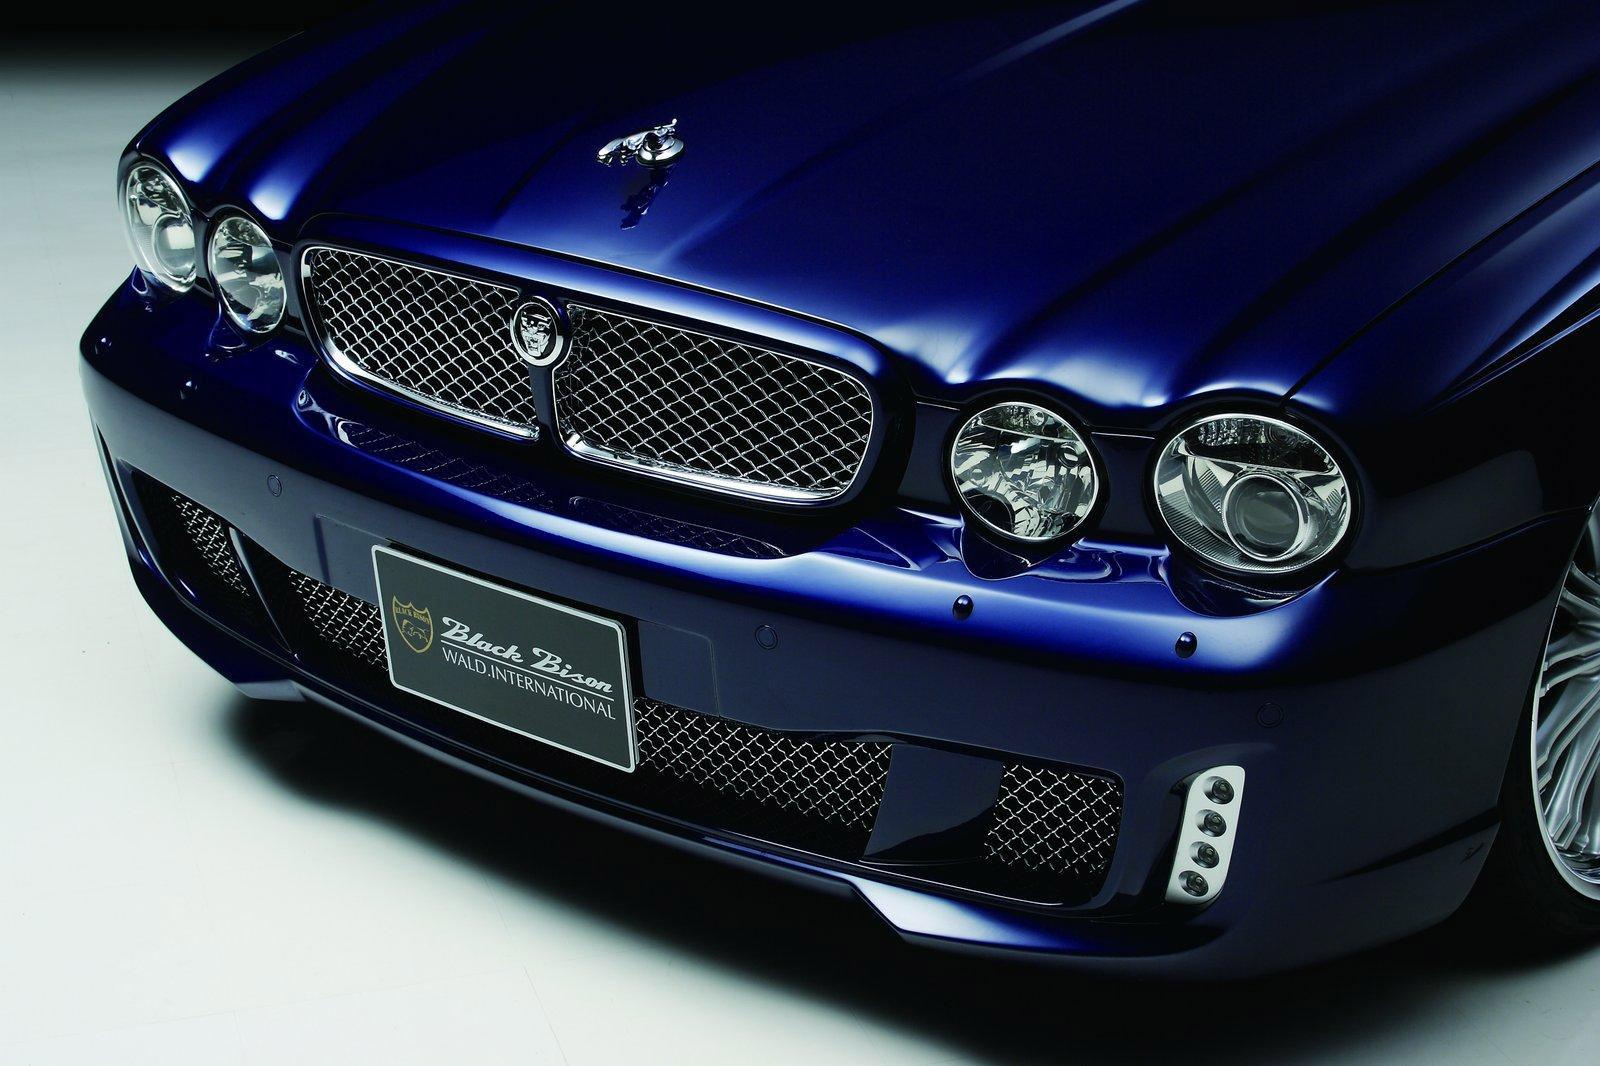 Wald Jaguar Xj X350 Black Bison Edition Picture 56904